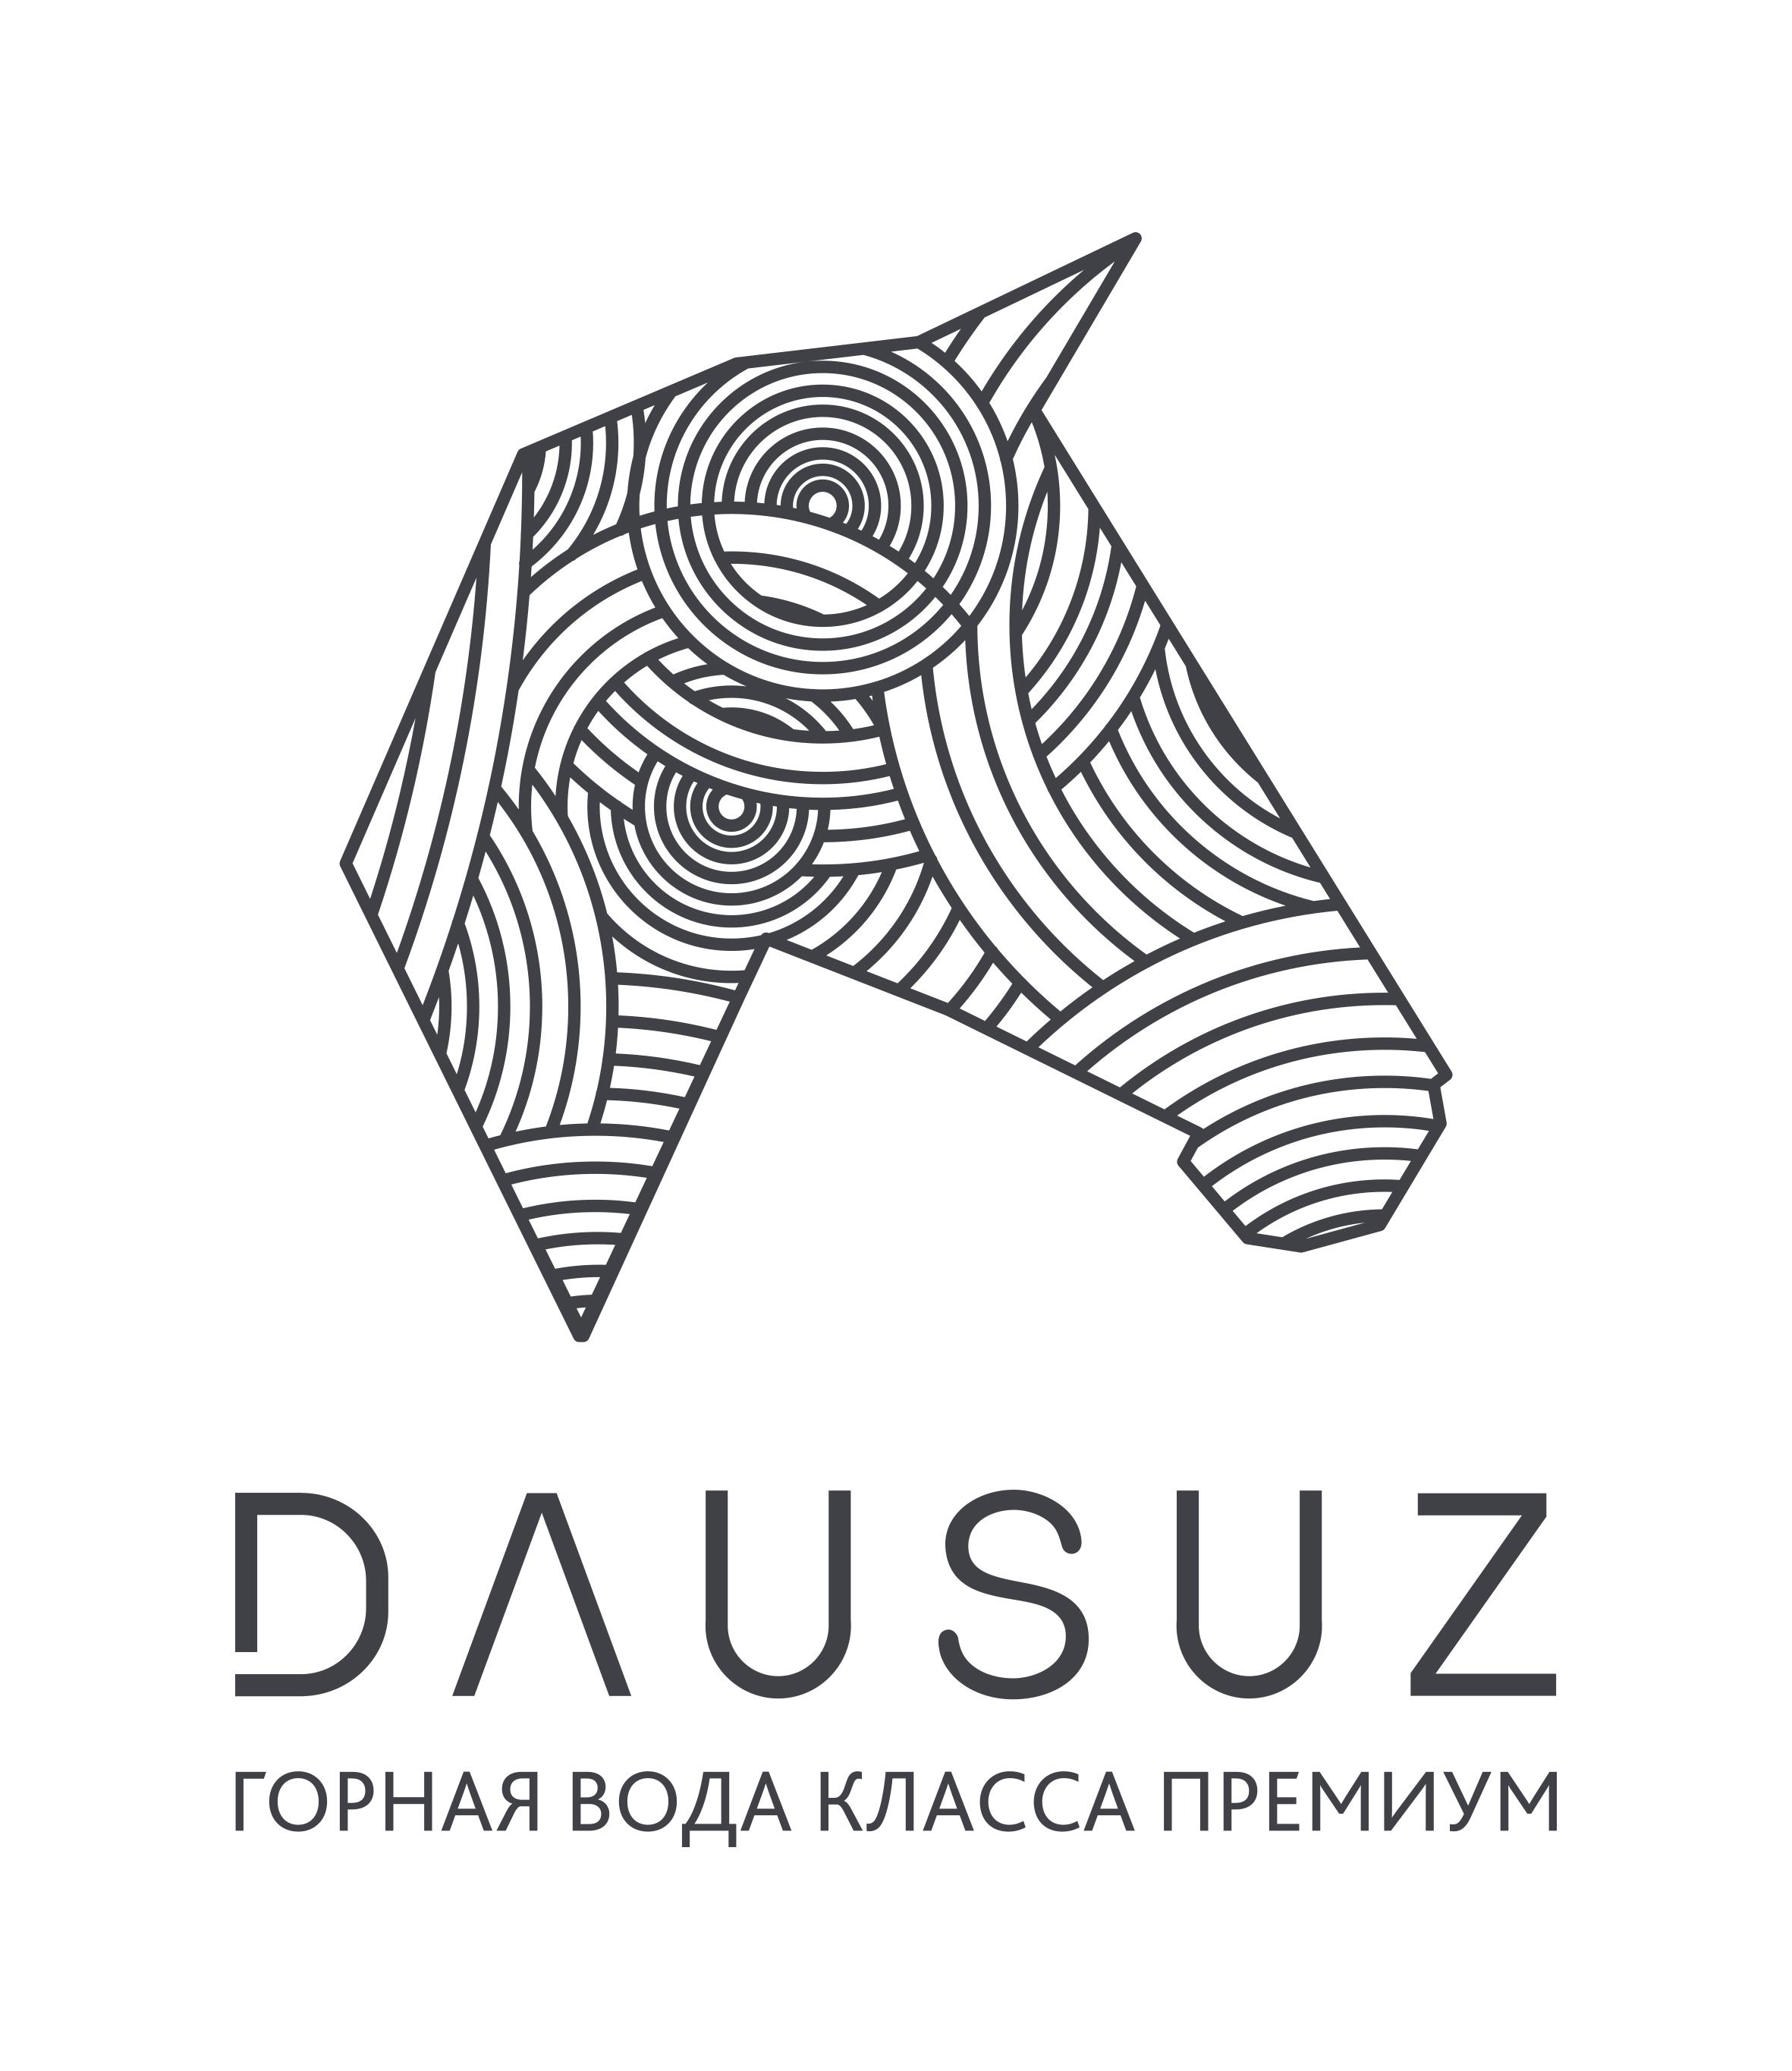 DAUSUZ